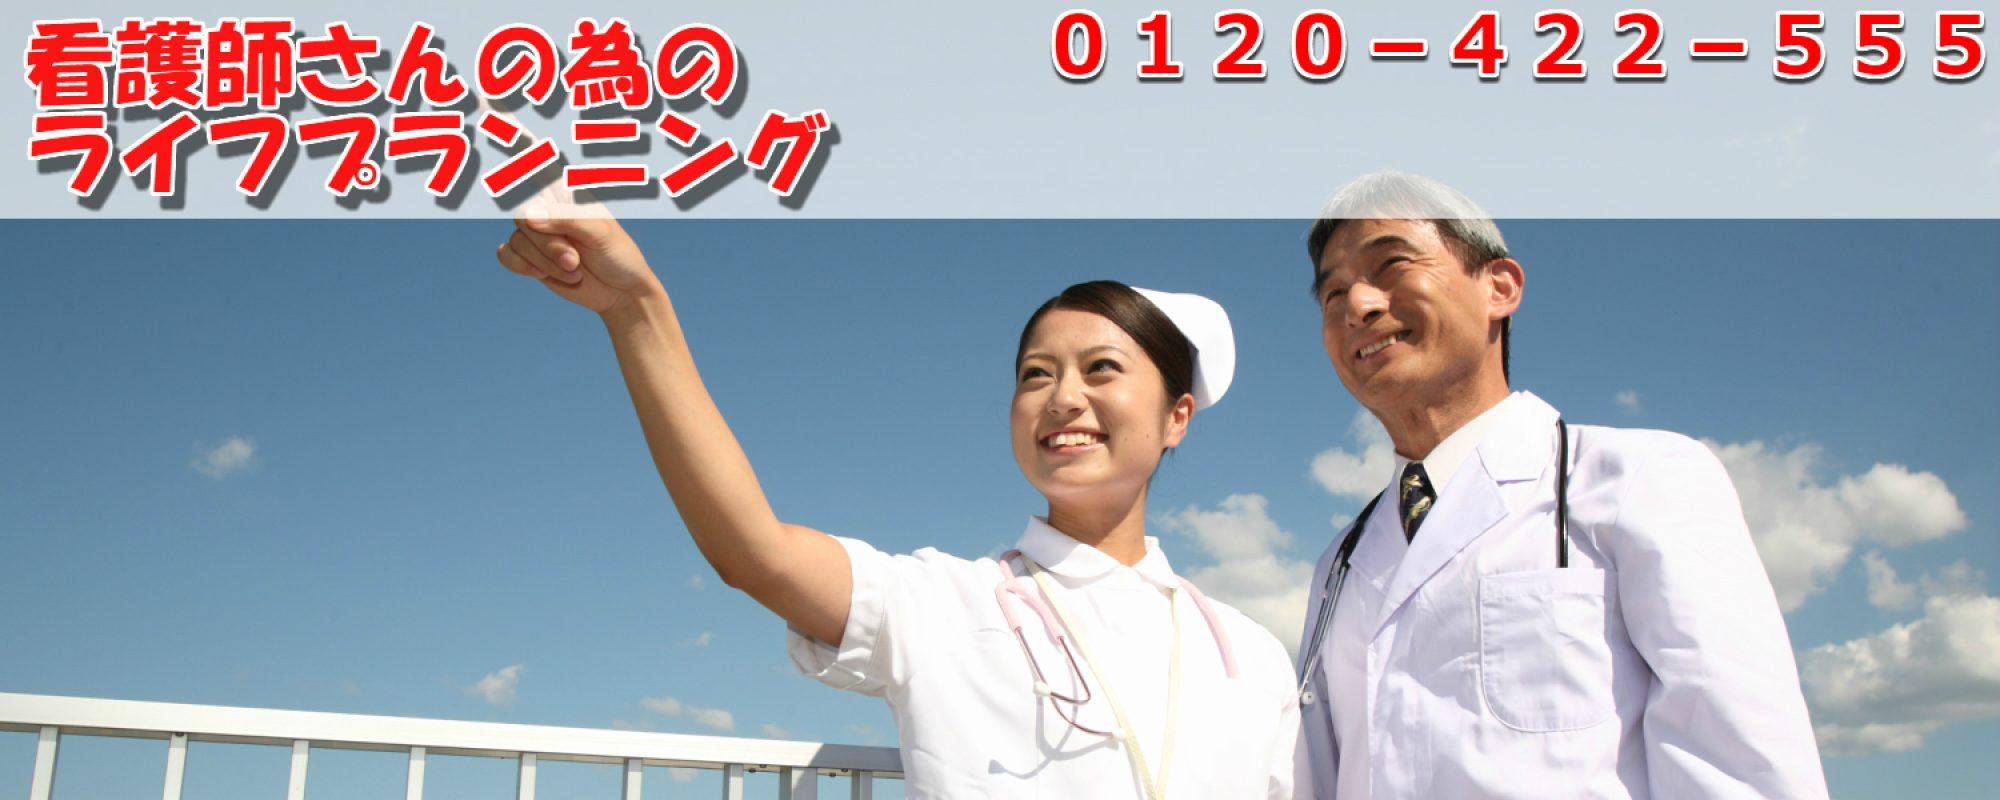 看護師のお礼奉公 – 看護師FPオフィス